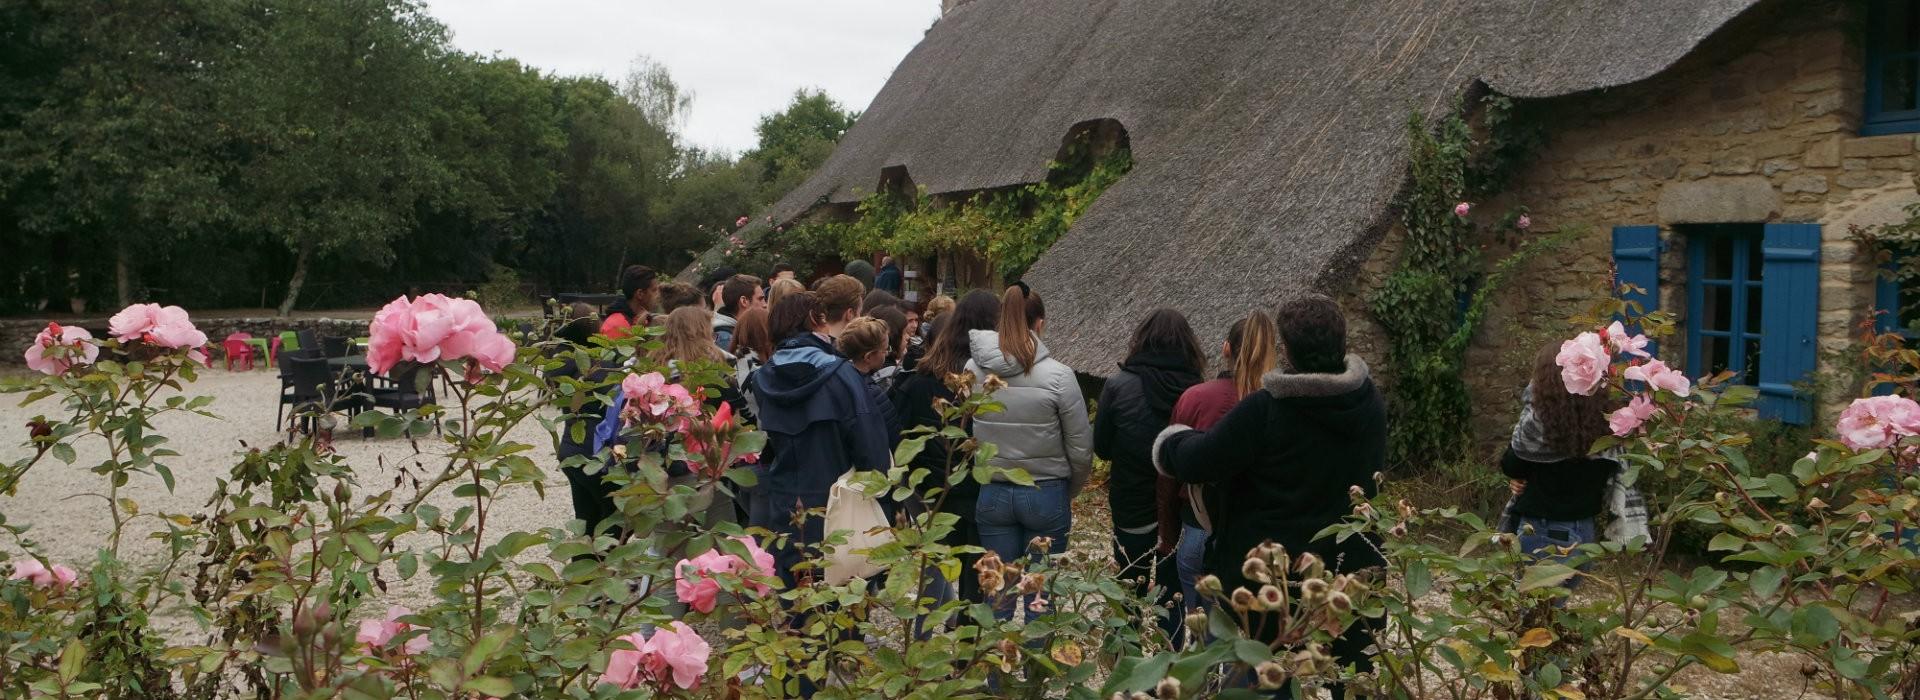 visites-scolairesoffice-de-tourisme-la-baule-presqu-ile-de-guerande-35-2-15530